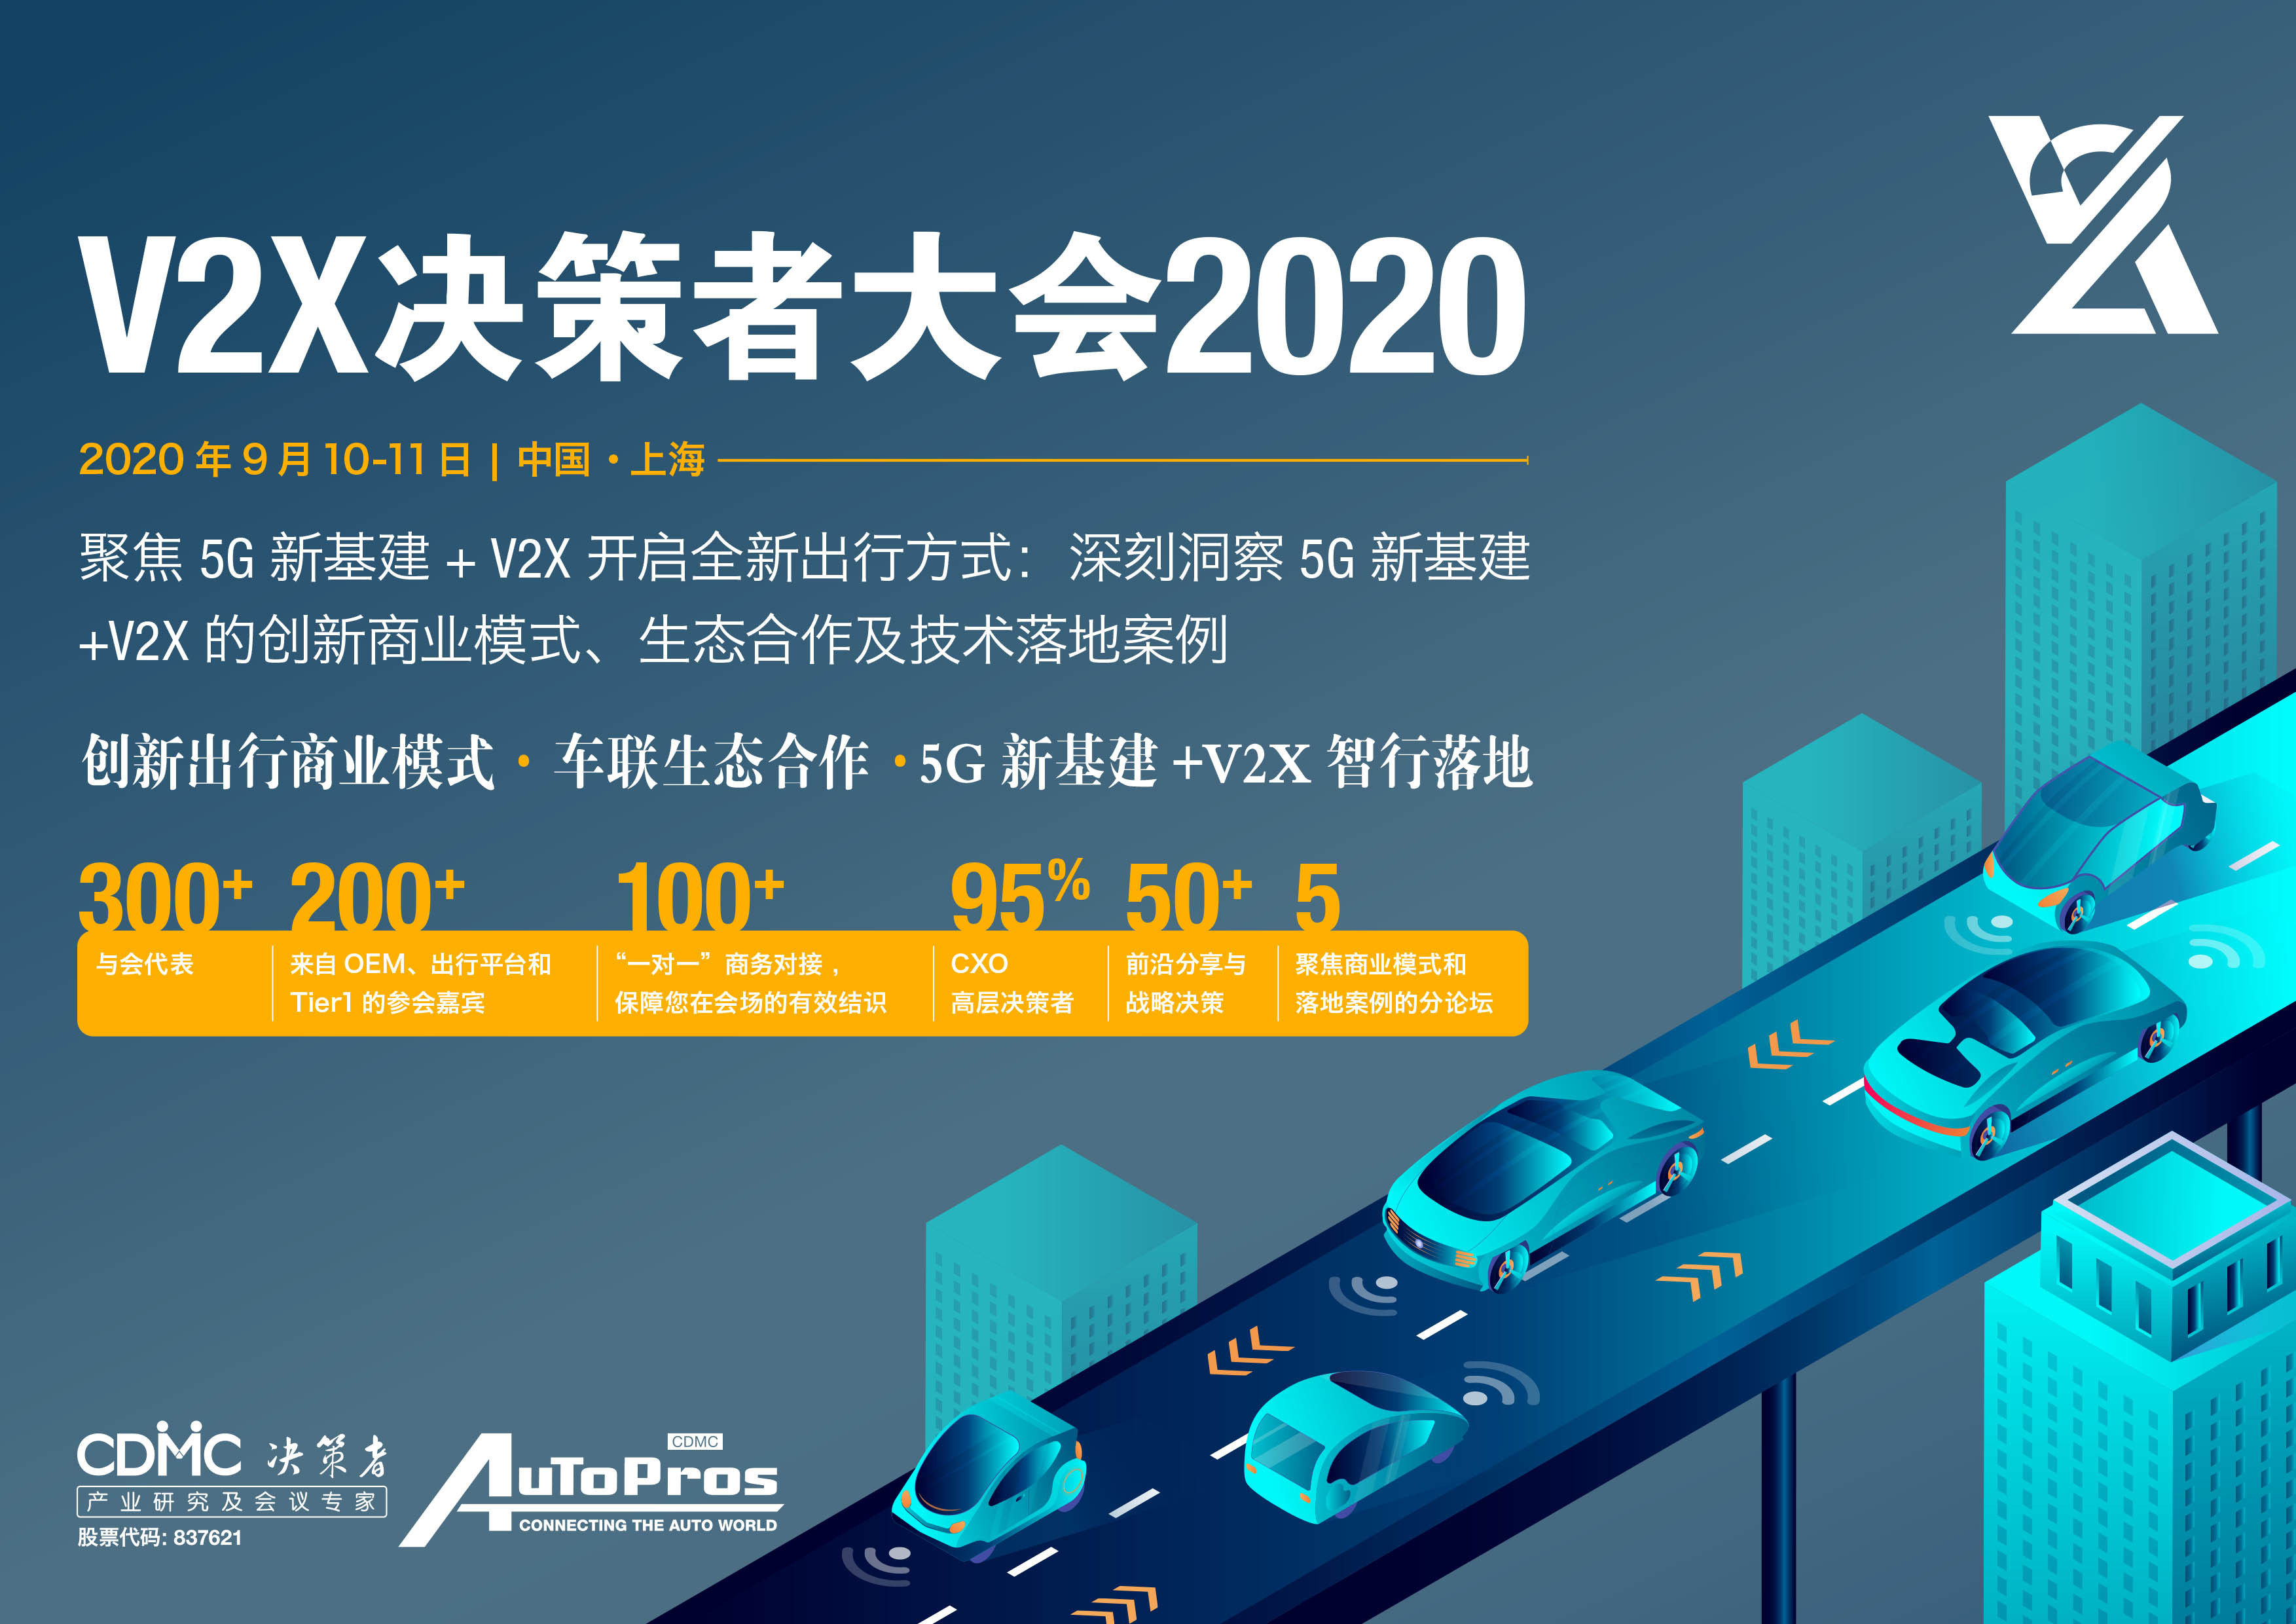 V2X决策者大会2020(上海)